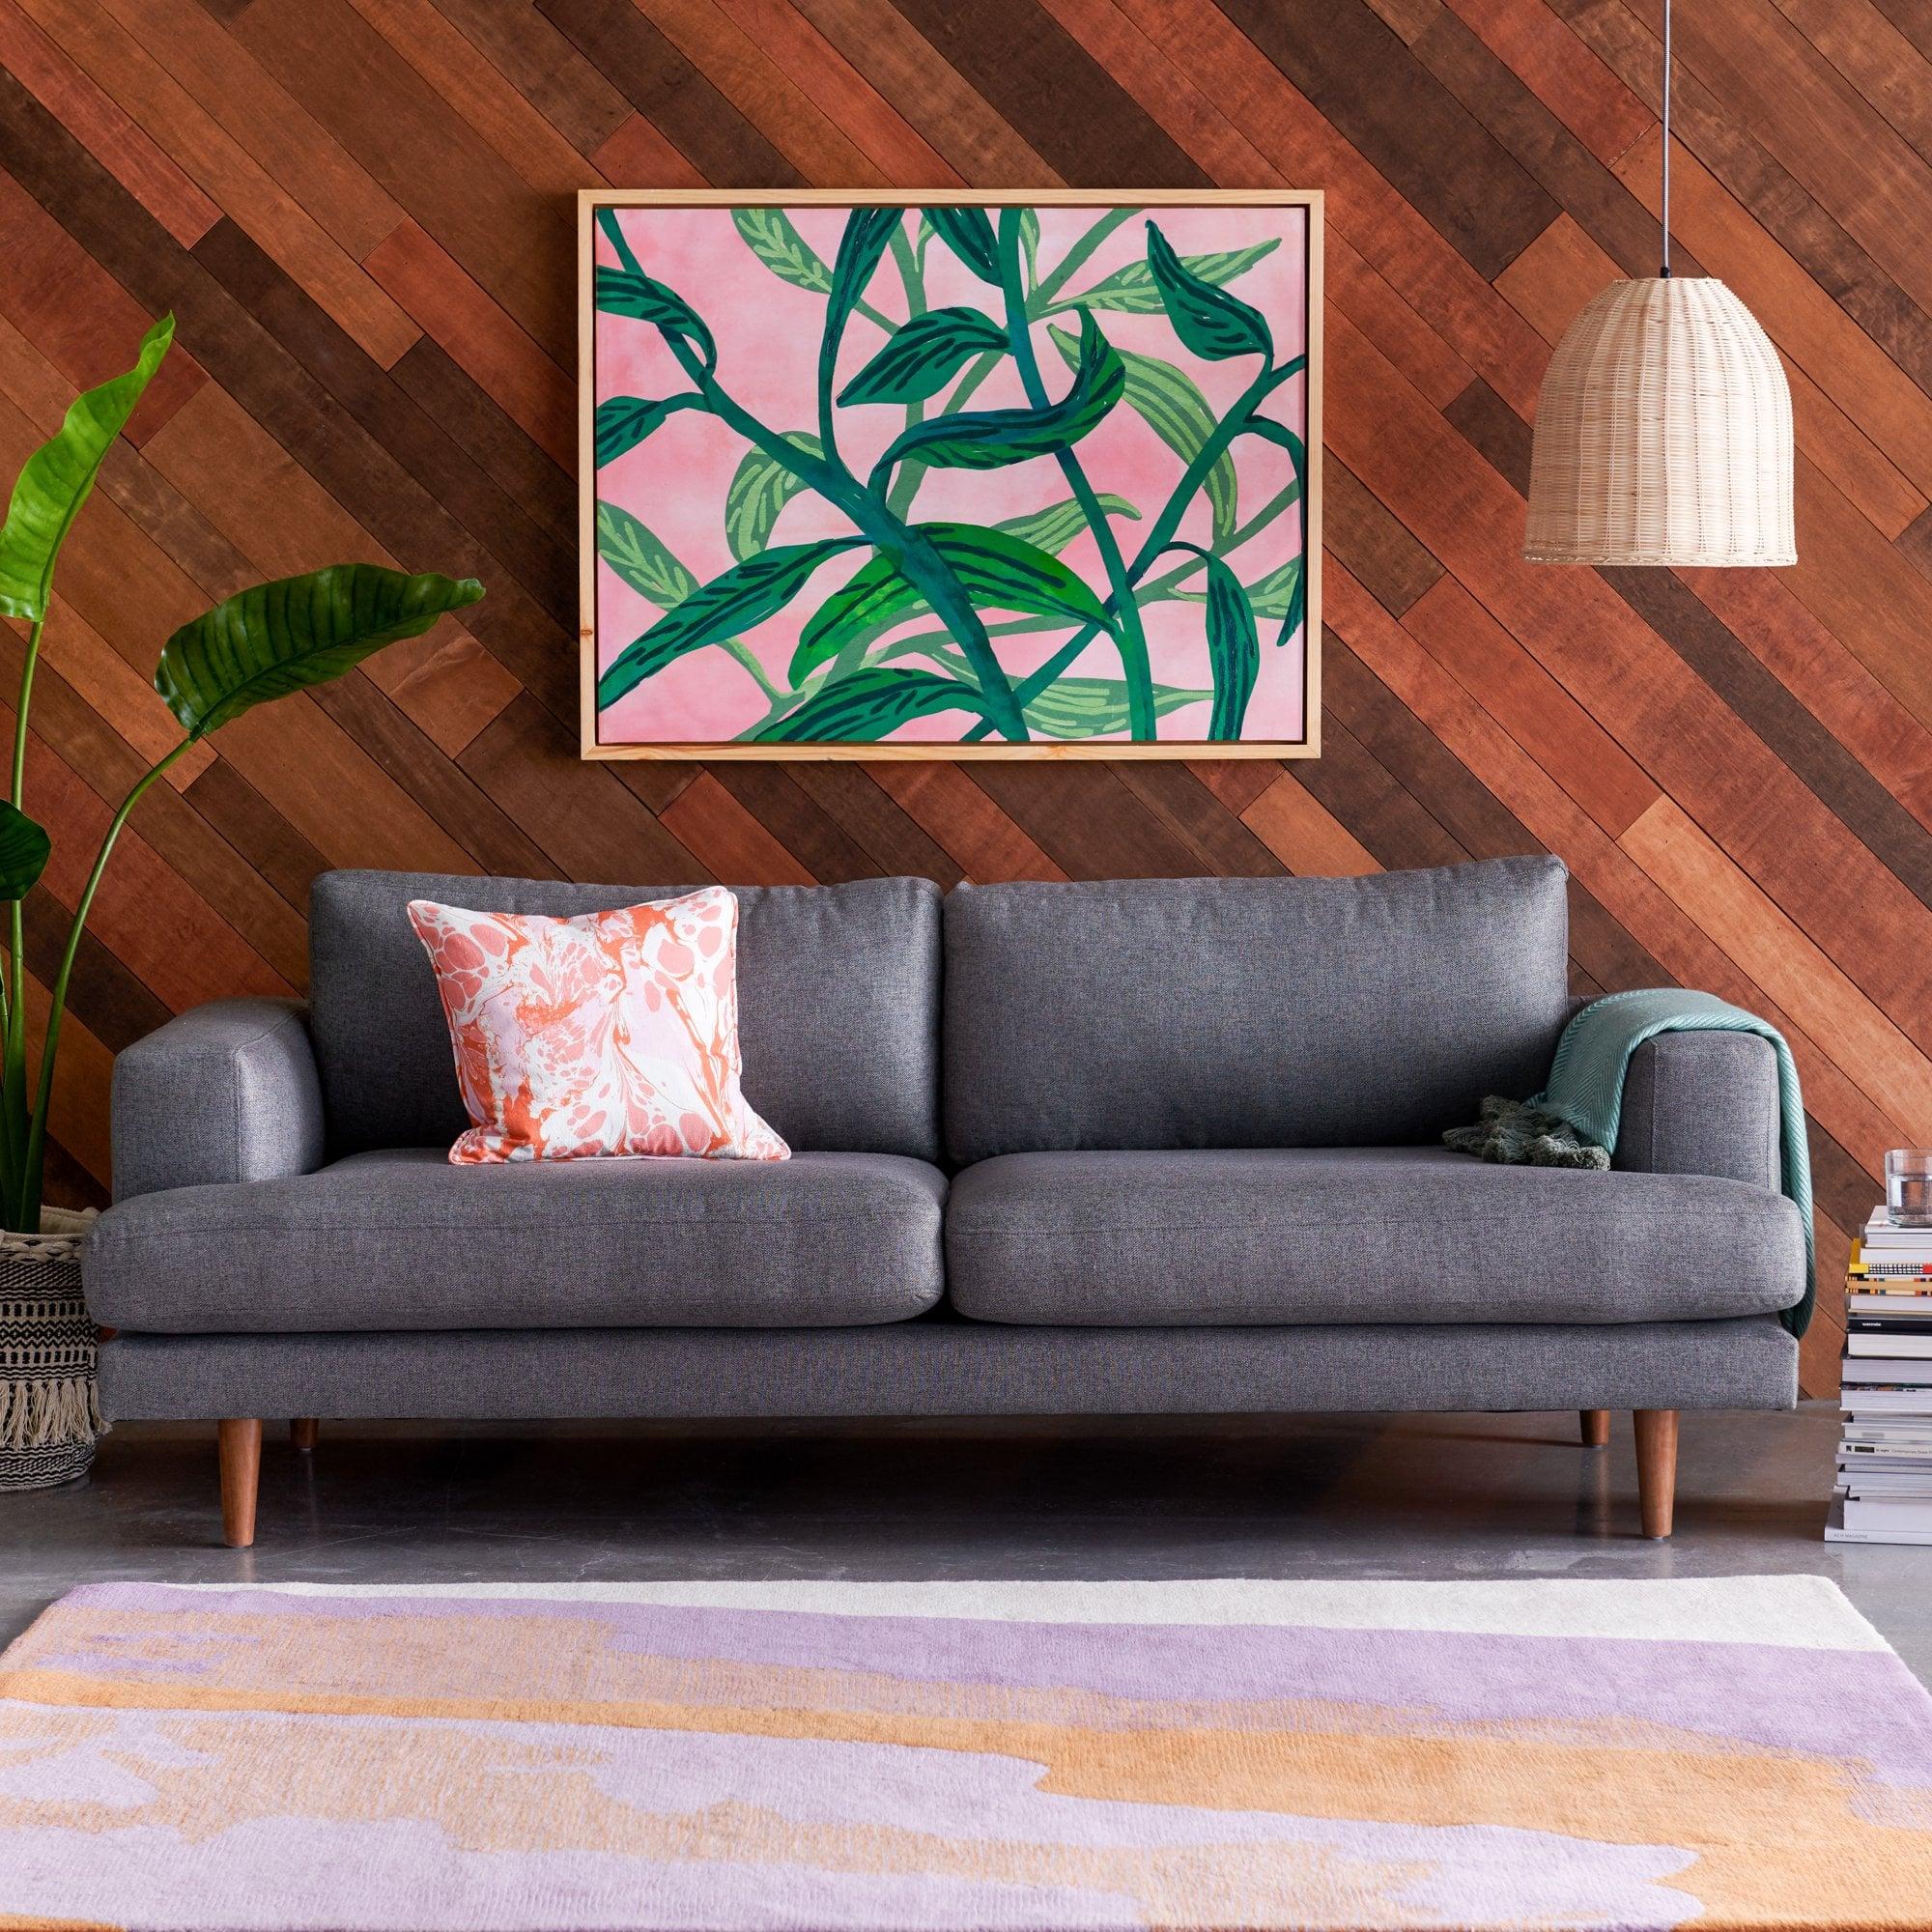 Most Comfortable Living Room Furniture | POPSUGAR Home